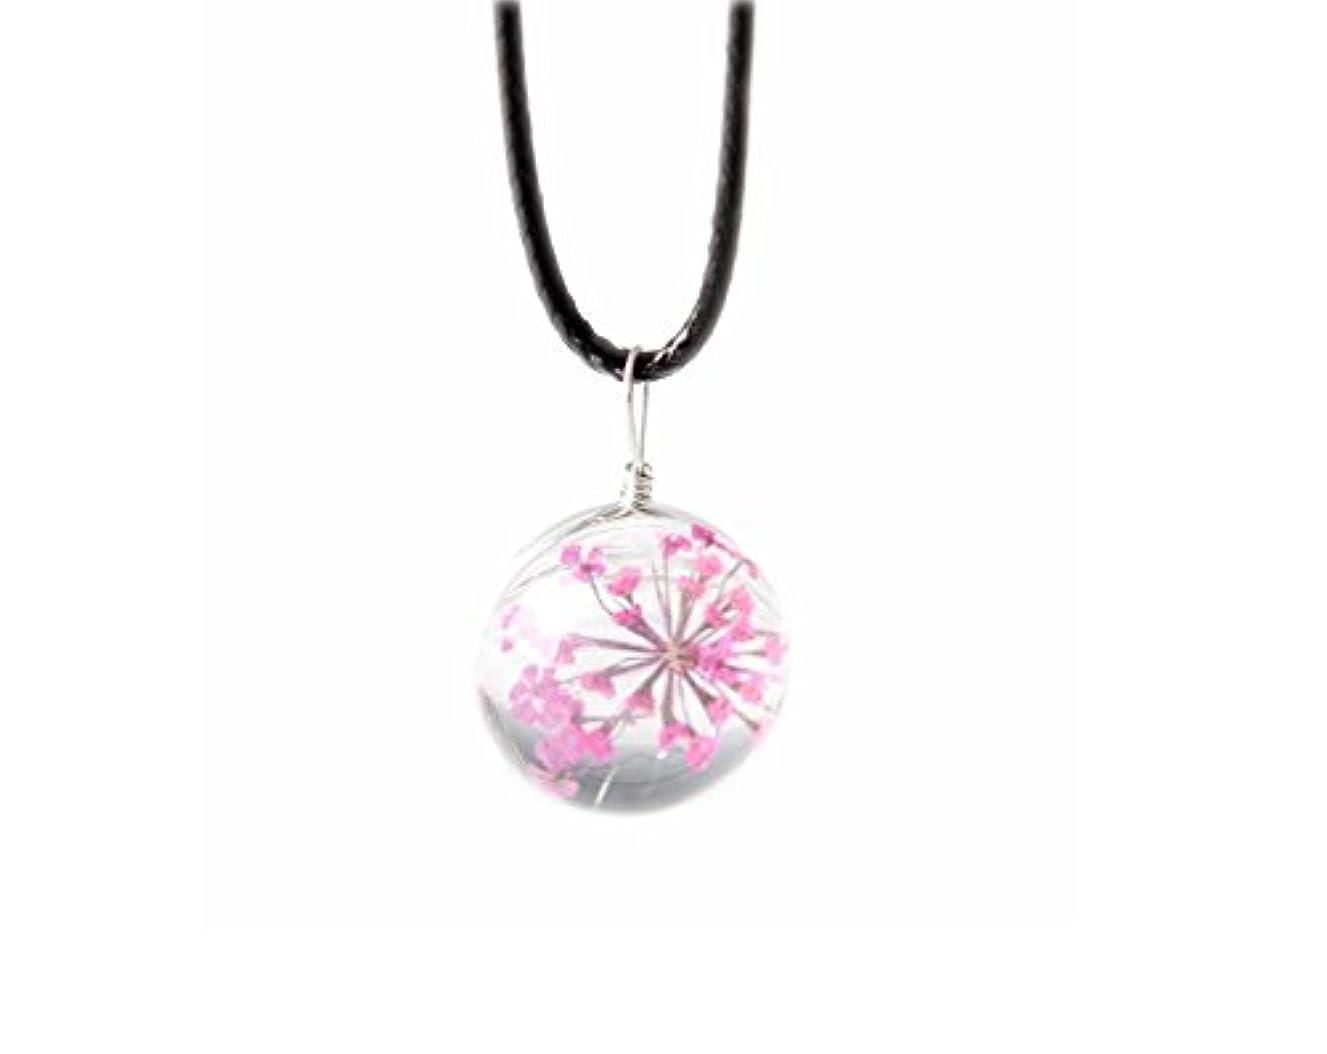 該当するアグネスグレイ補充4本のペンダントネックレスギフトのセットGypsophila乾いた花のネックレス - ピンク